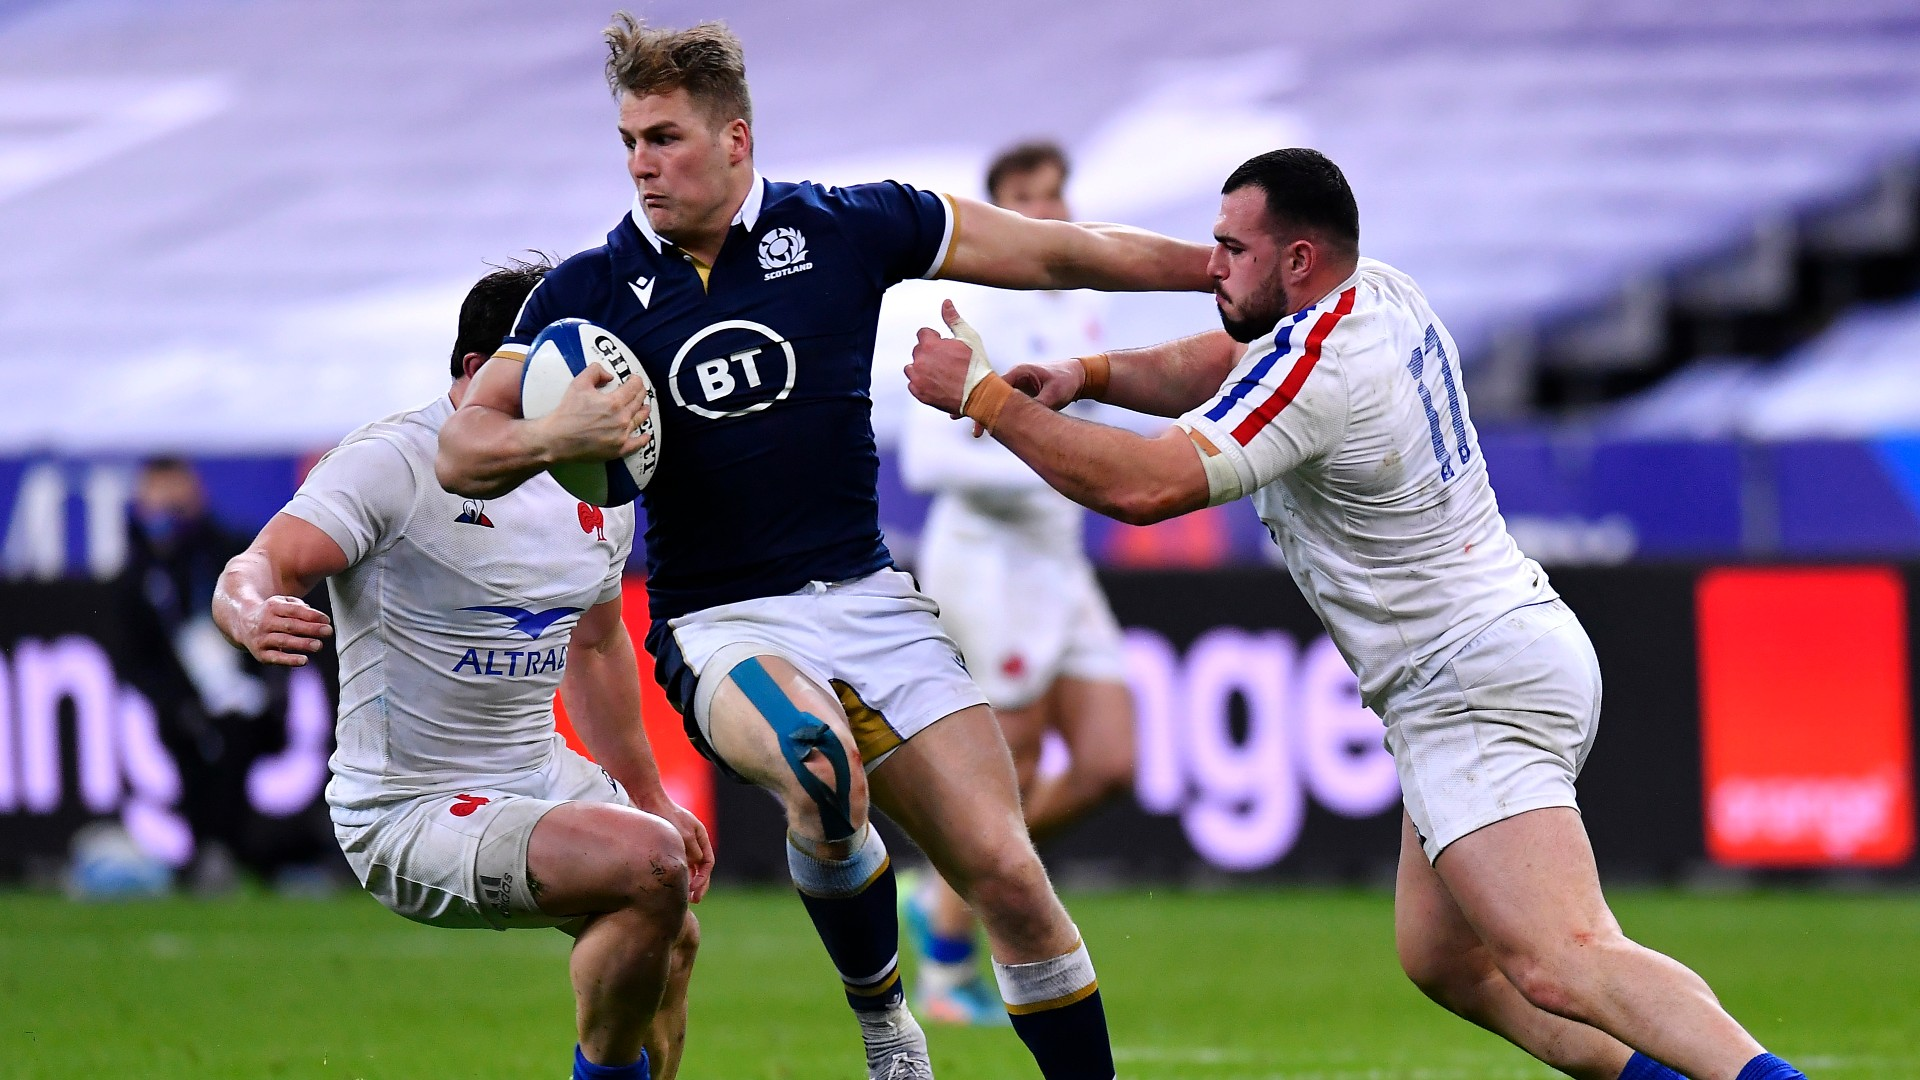 France 23-27 Scotland: Van der Merwe stuns Les Bleus as Wales claim title